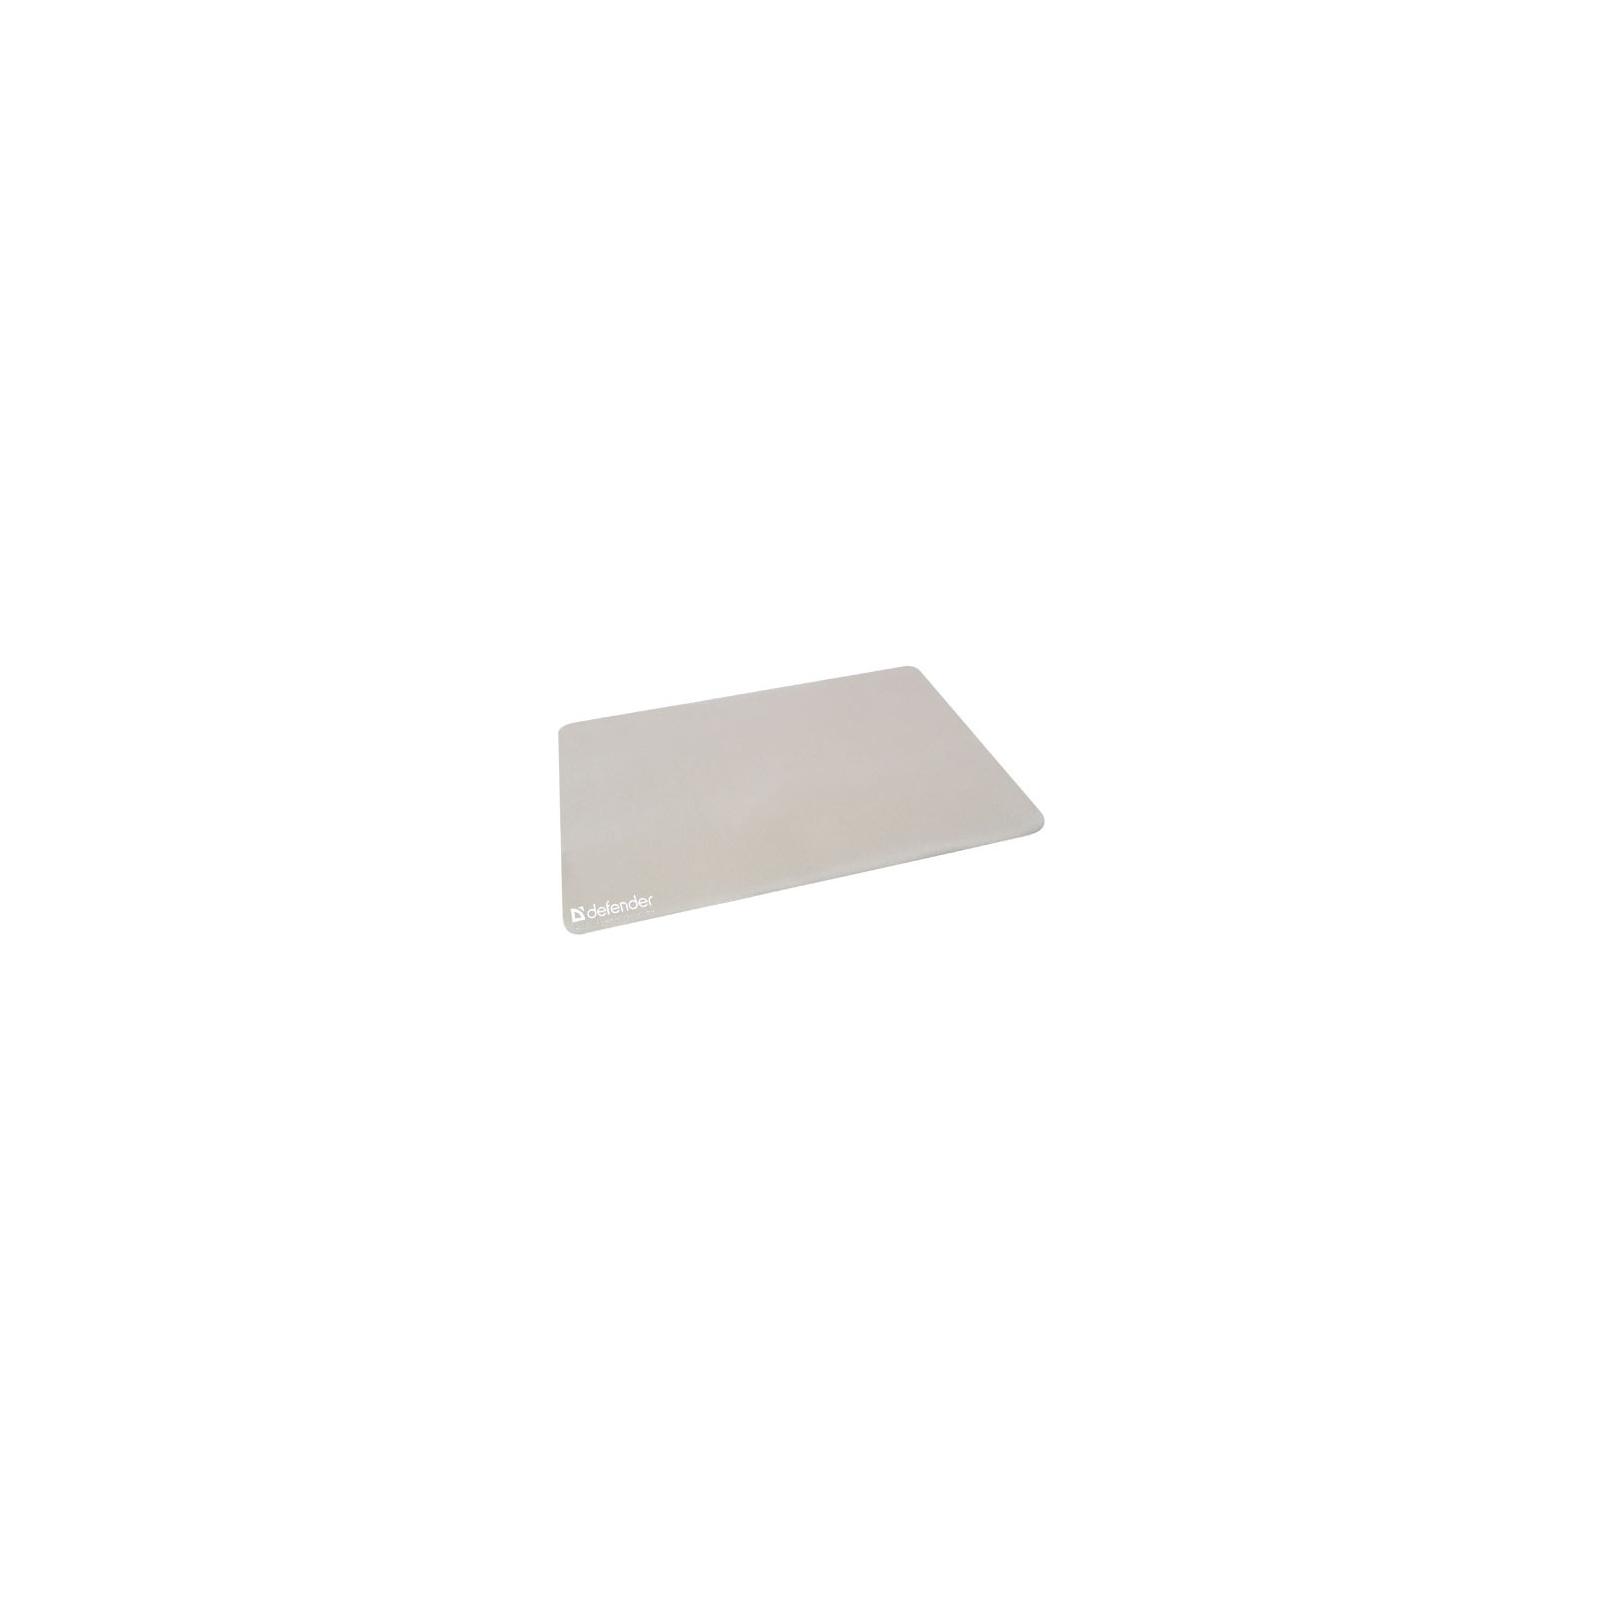 Коврик Defender Notebook microfiber (50709) изображение 2